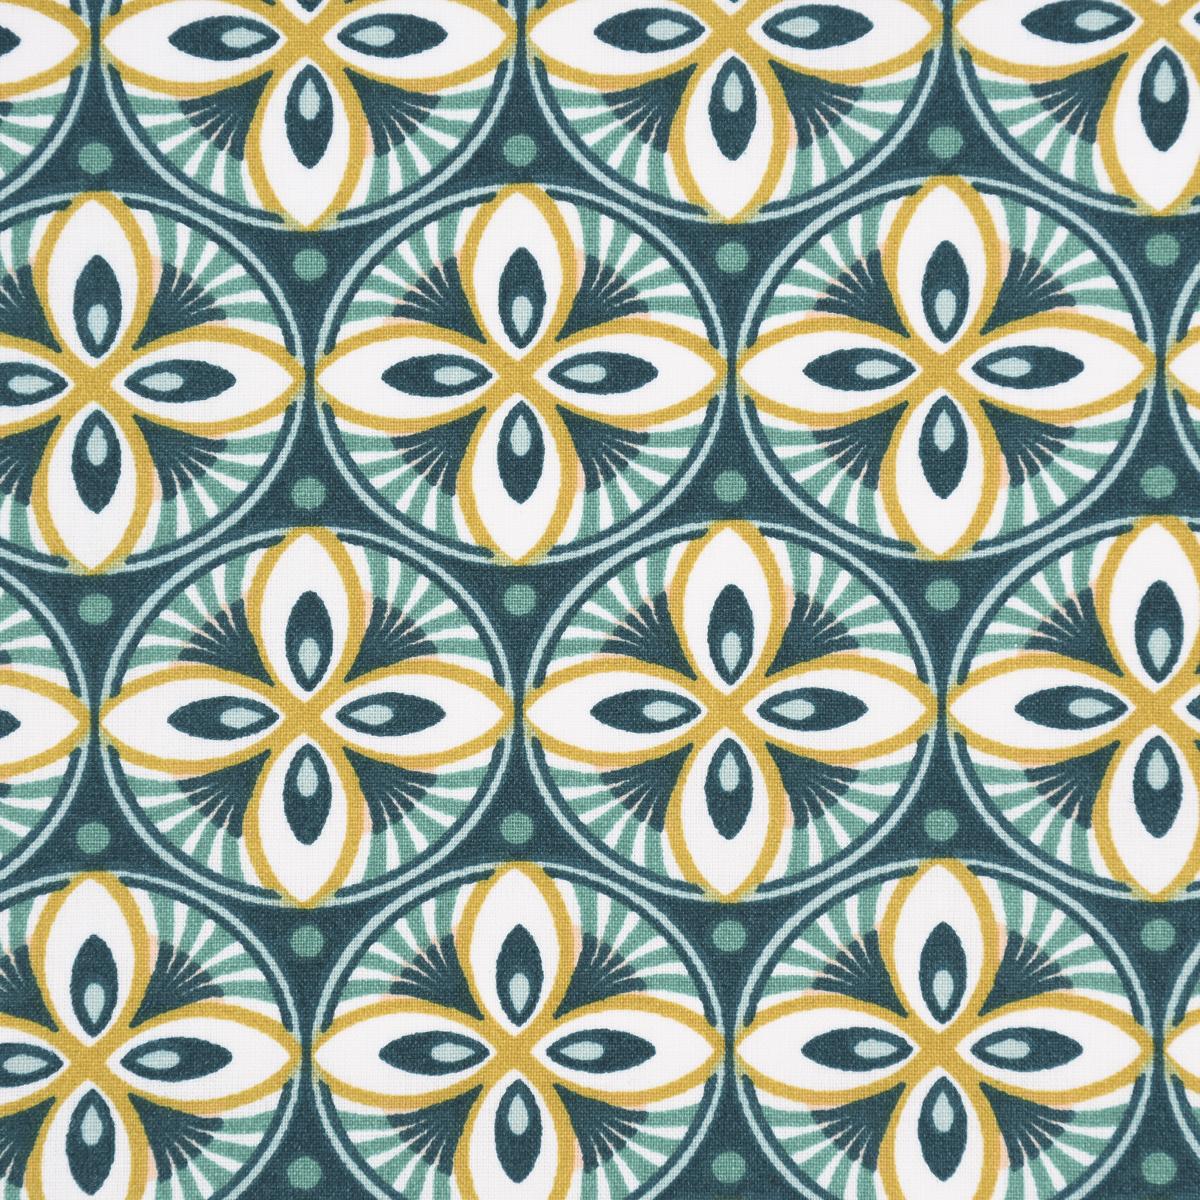 Tischdeckenstoff beschichtete Baumwolle LIVY Mandala grün weiß senf 1,5m Breite